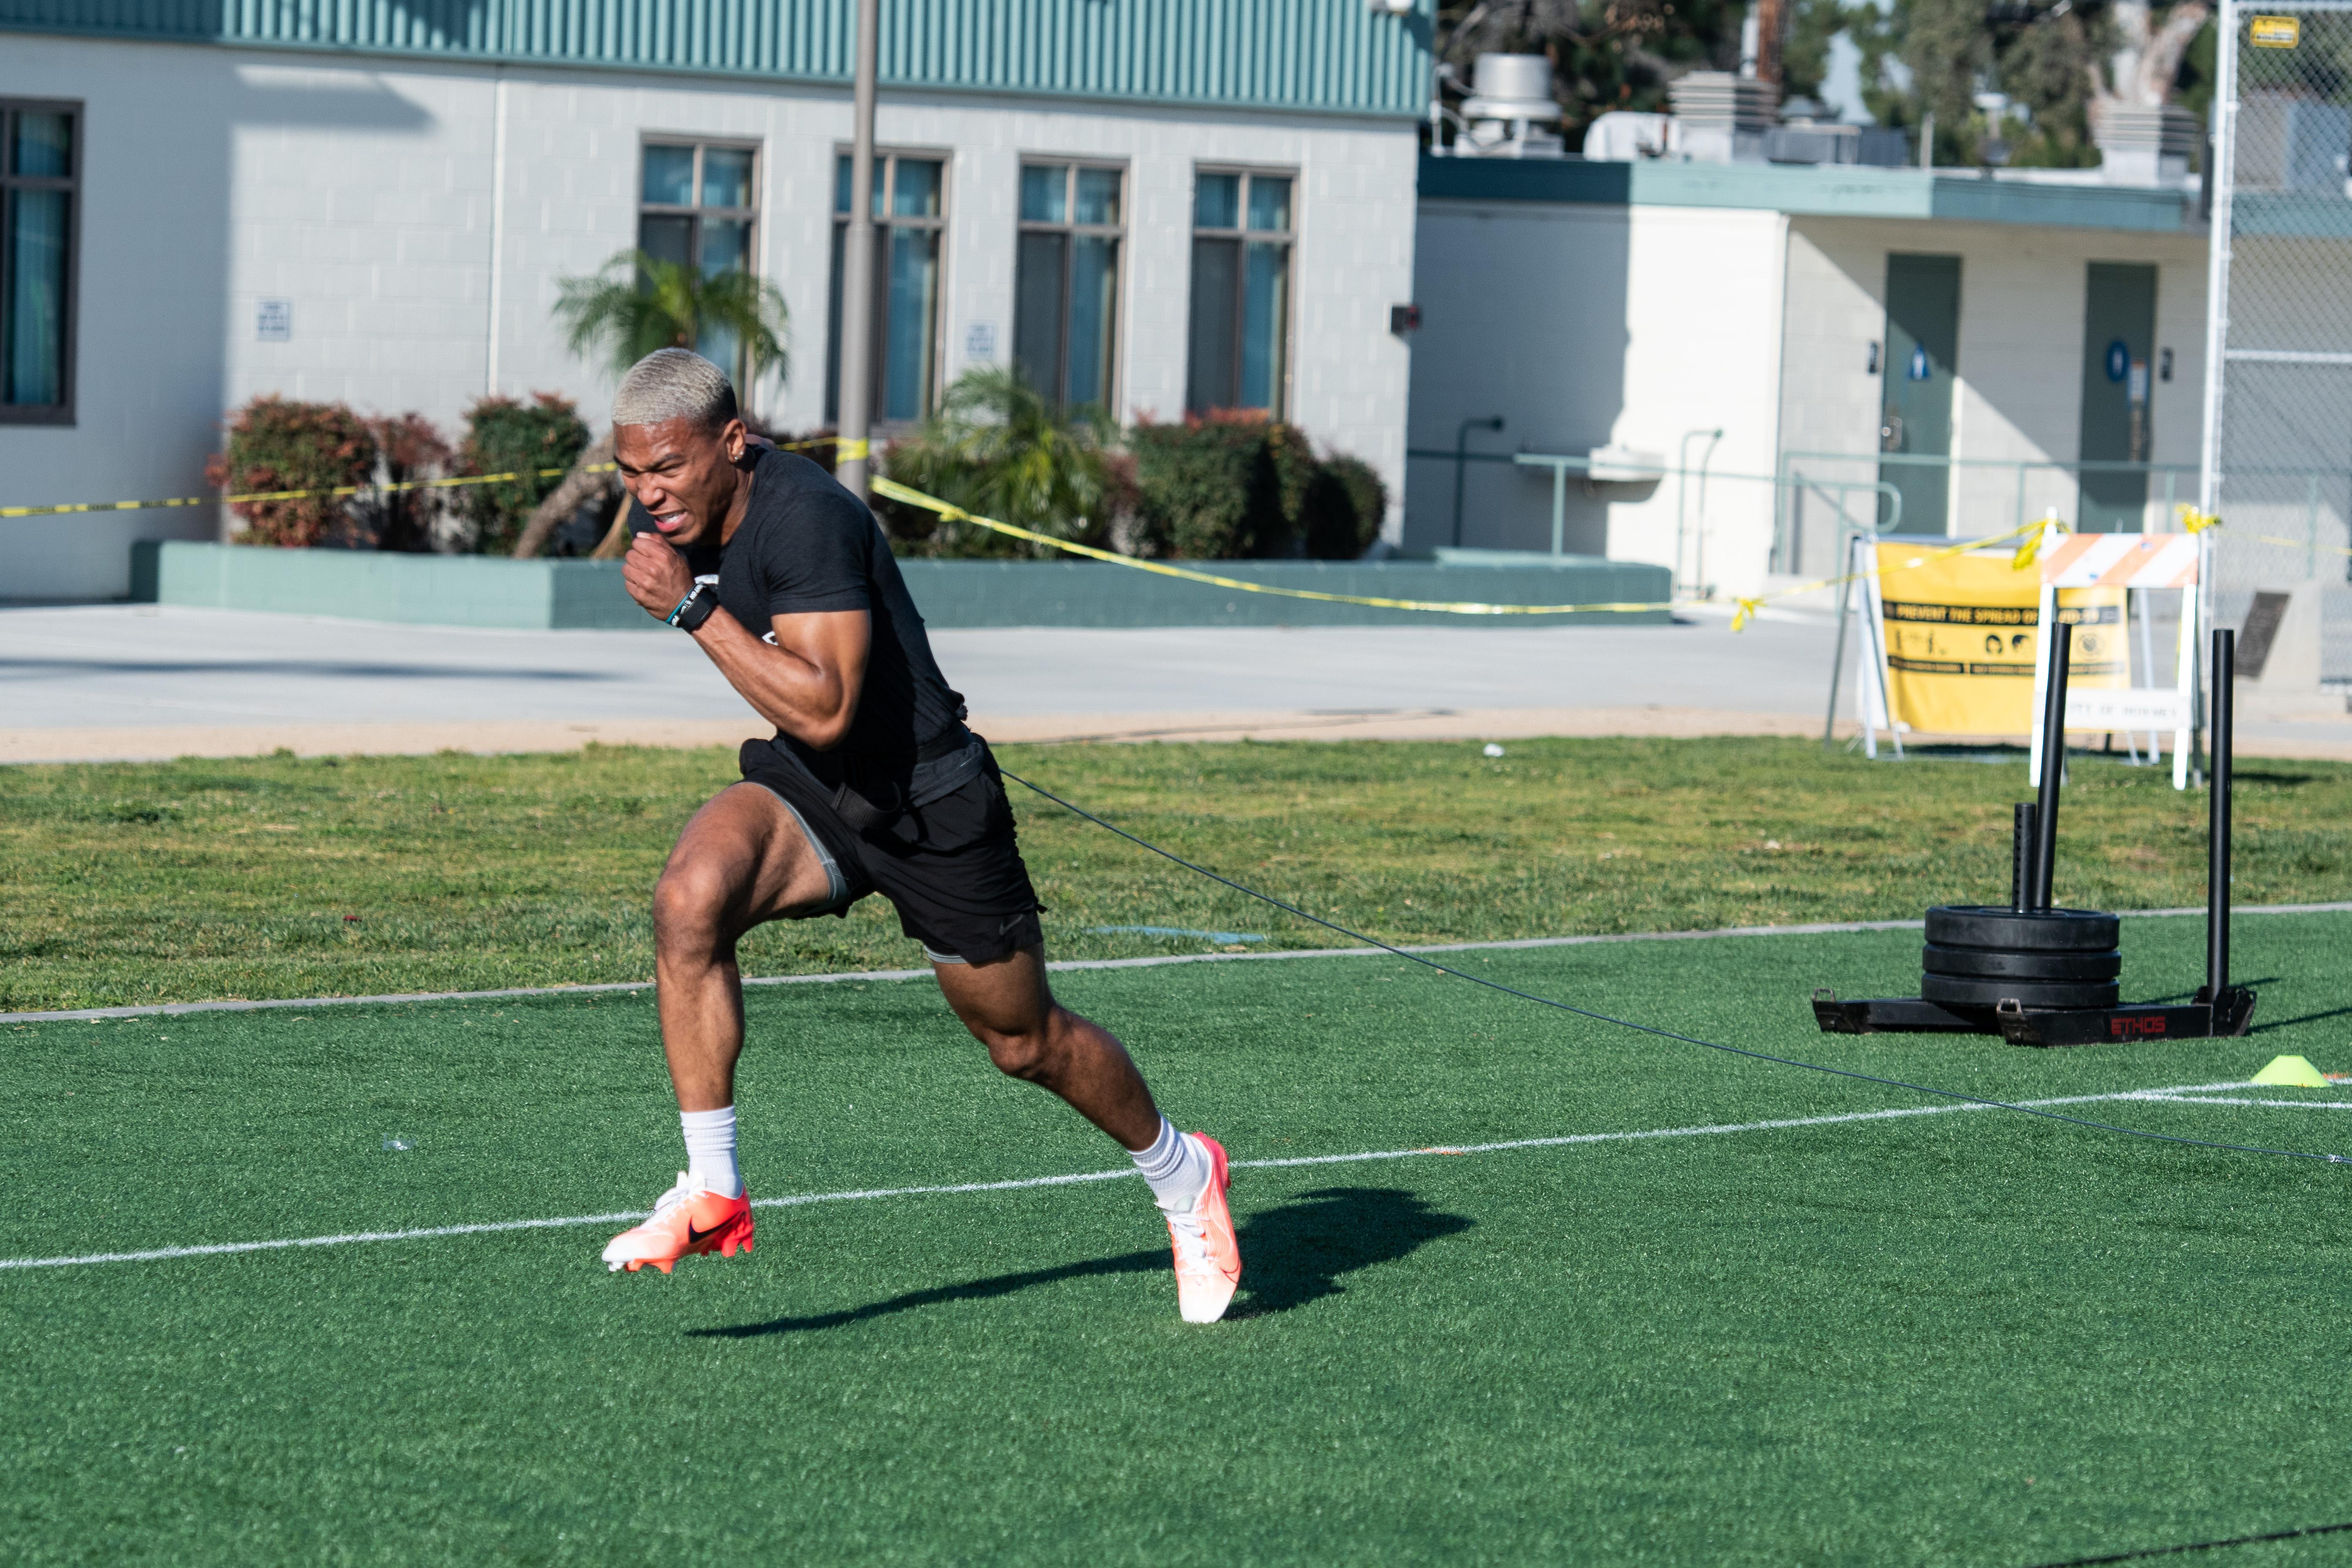 American football player Amon-Ra St. Brown...